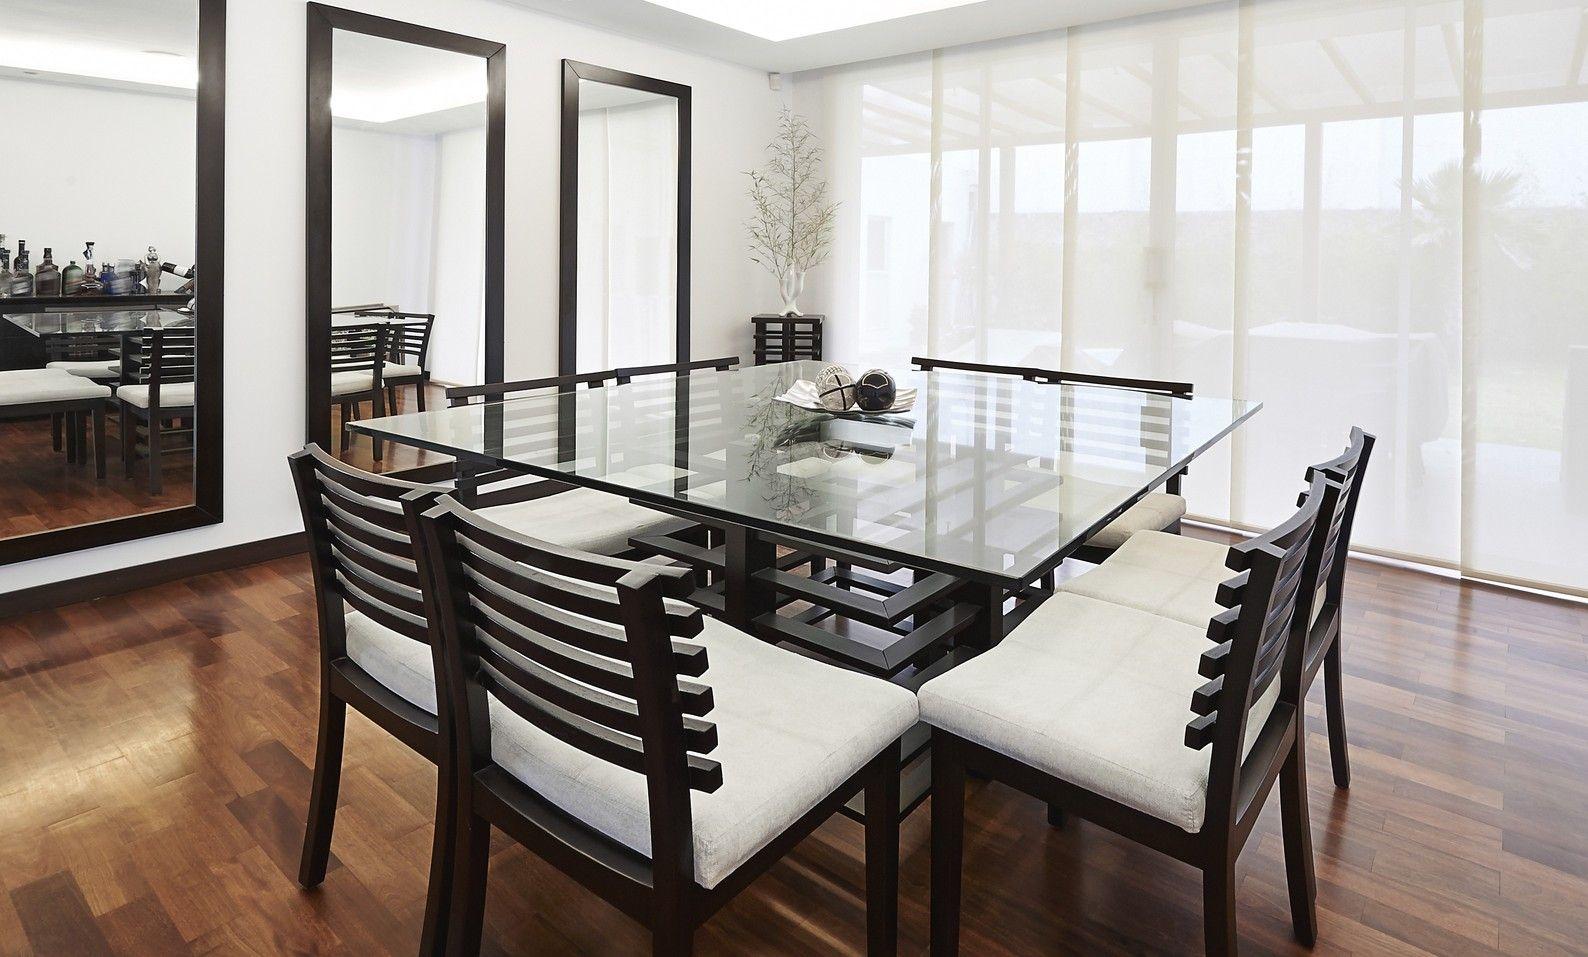 Mesas de comedor modernas mesas mesas de comedor - Mesas de comedor modernas baratas ...